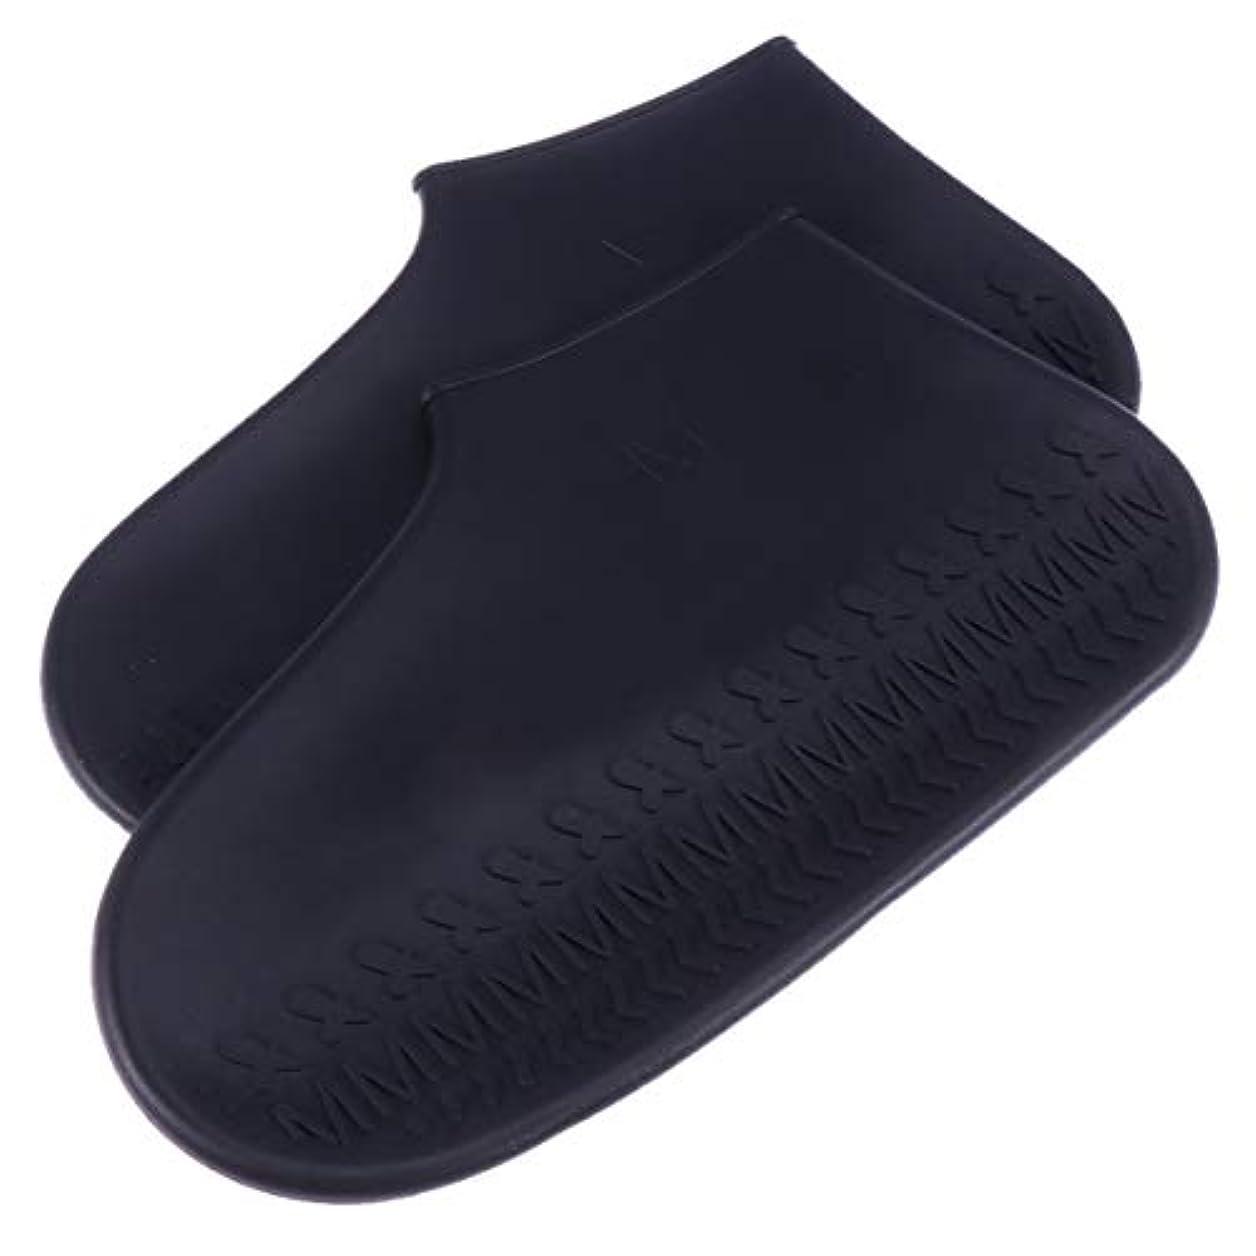 征服配分コードレスHealifty 靴カバーは、職場、医療、屋内、または車のカーペットの床保護サイズs(黒)用の耐摩耗性レインブーツカバー